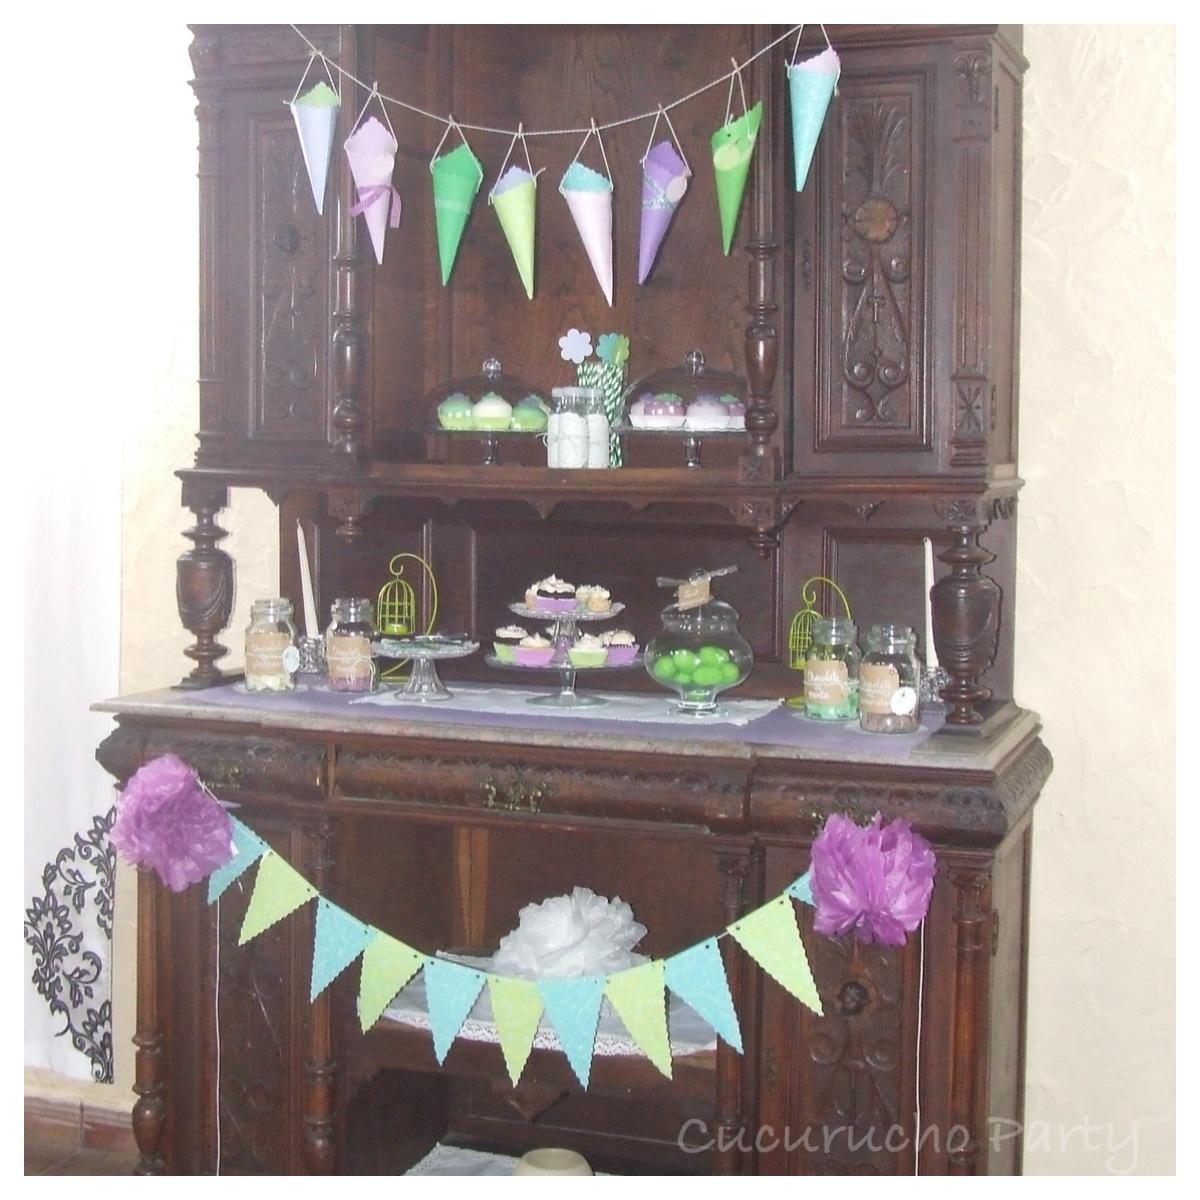 Mueble Antiguo Decorado Con Bander N Y Guirnalda De Cucuruchos  # Muebles Con Pajilla